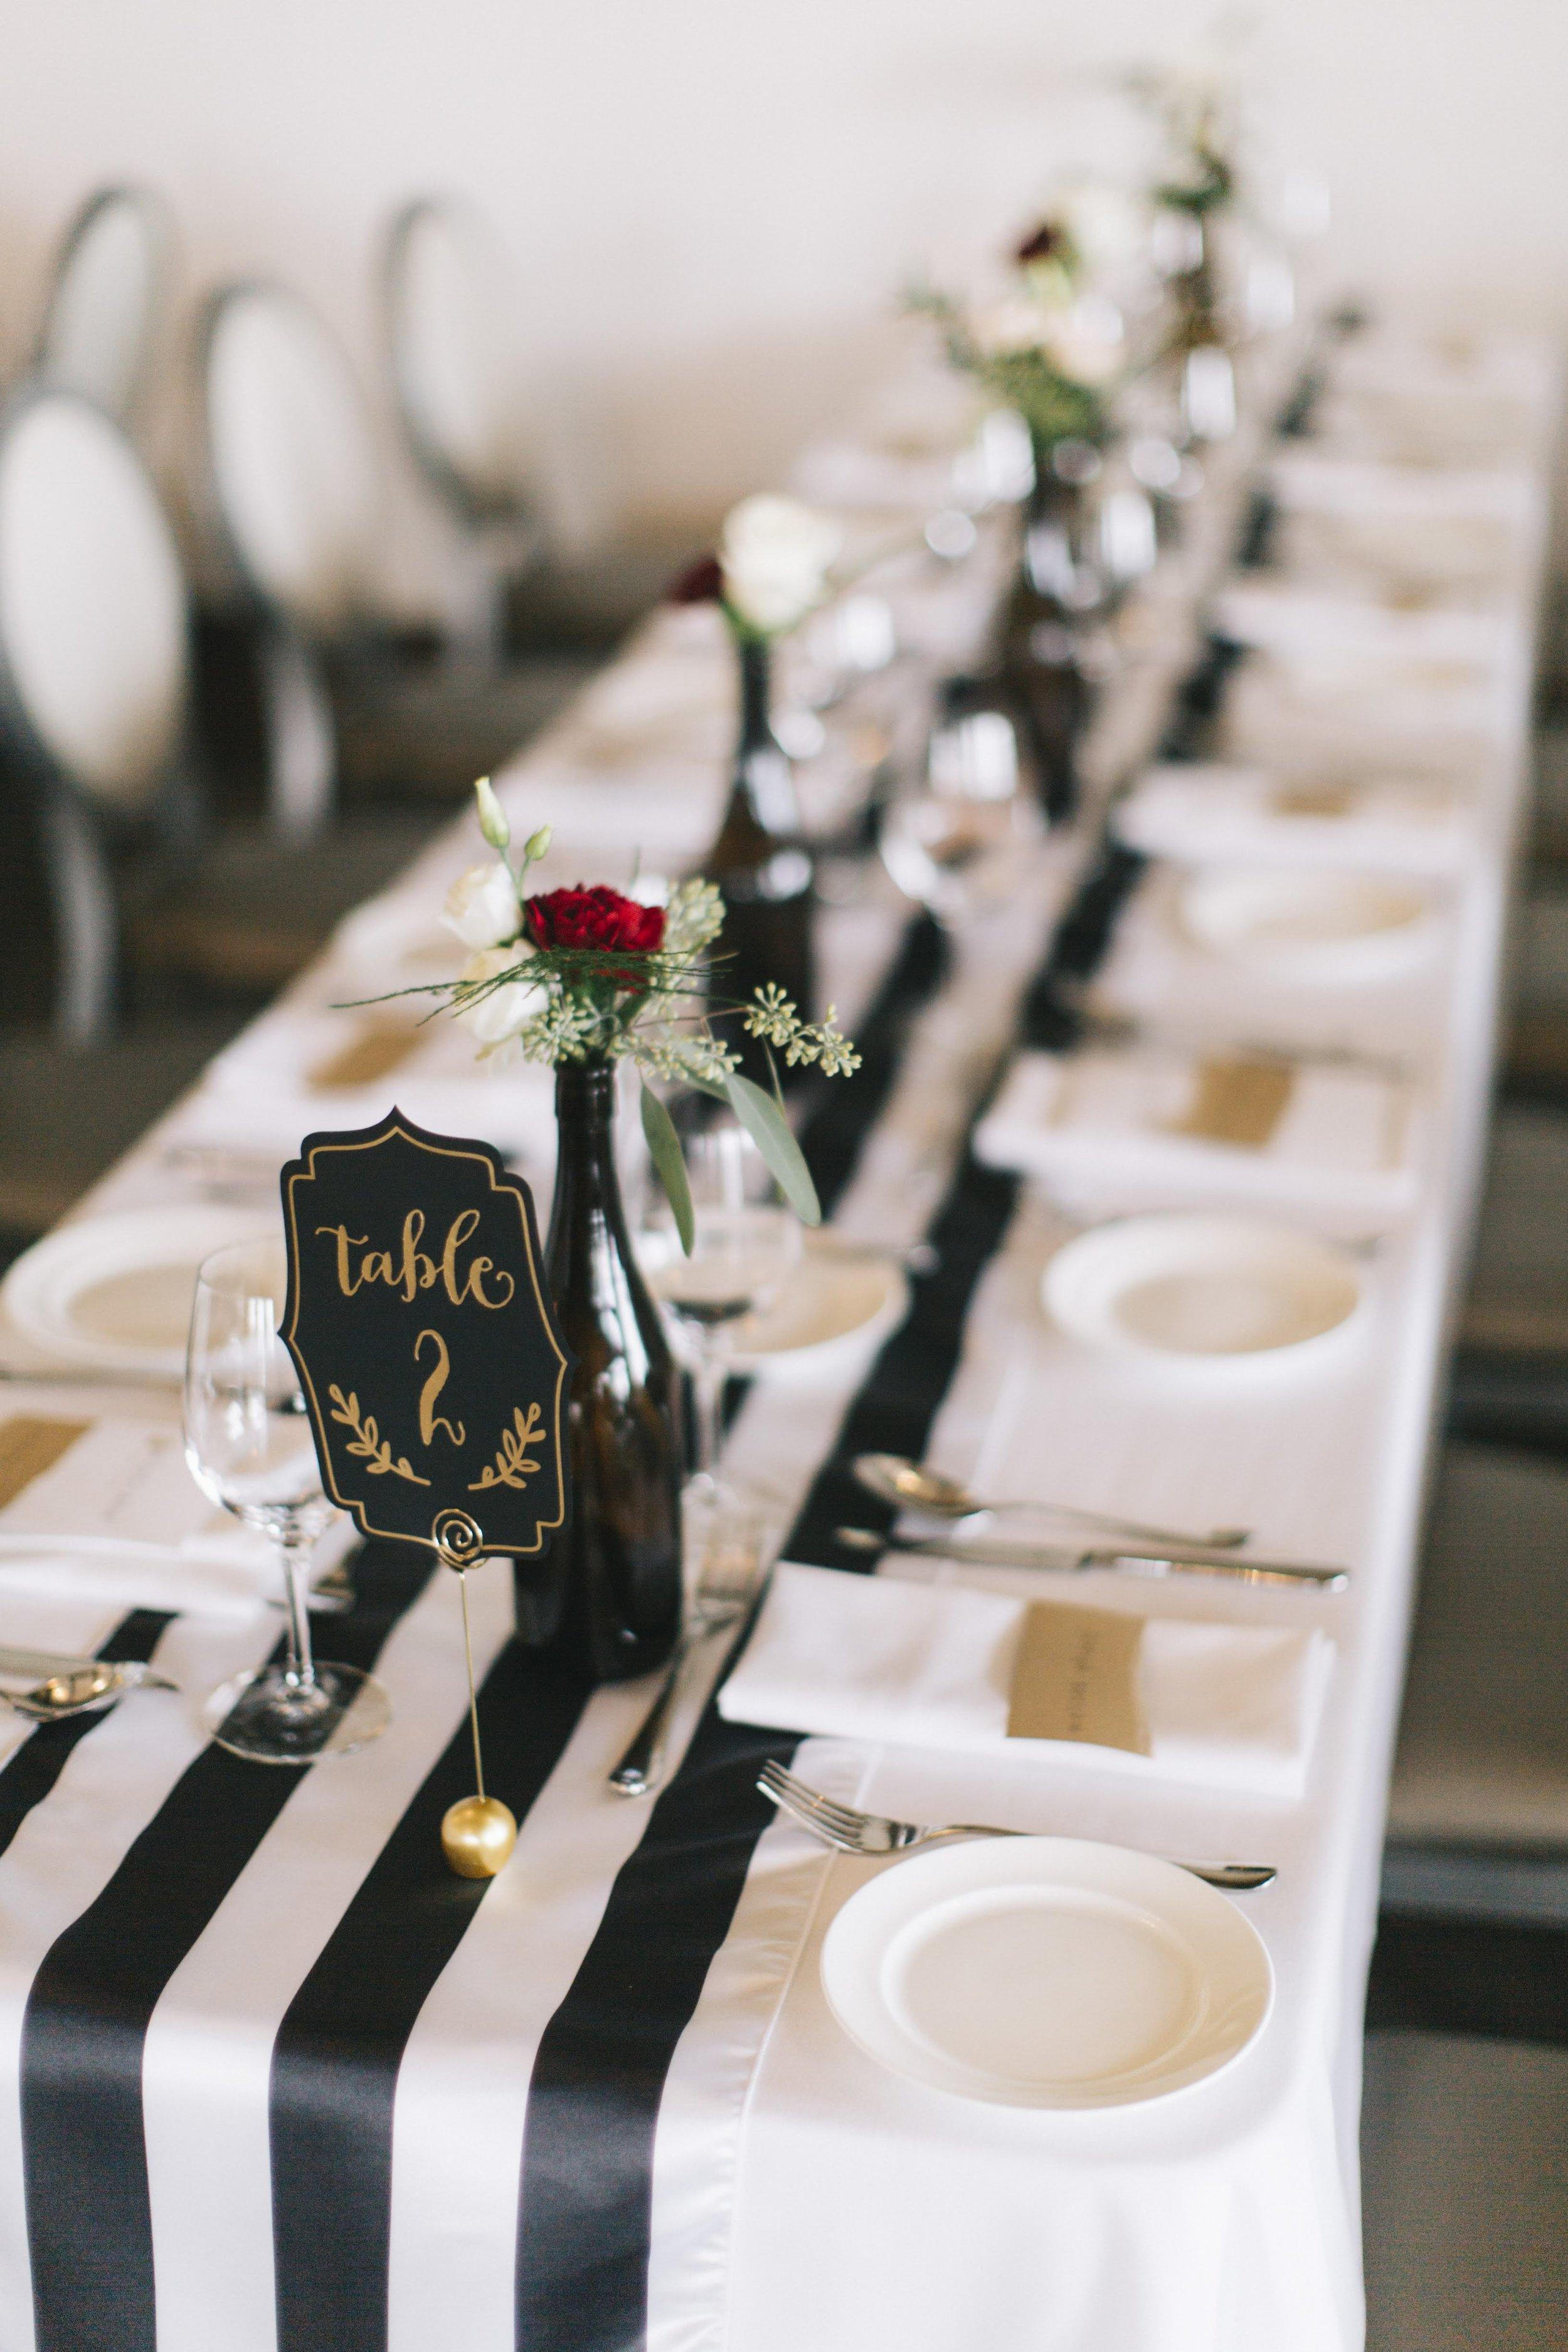 wedding decor details kitchener ontario